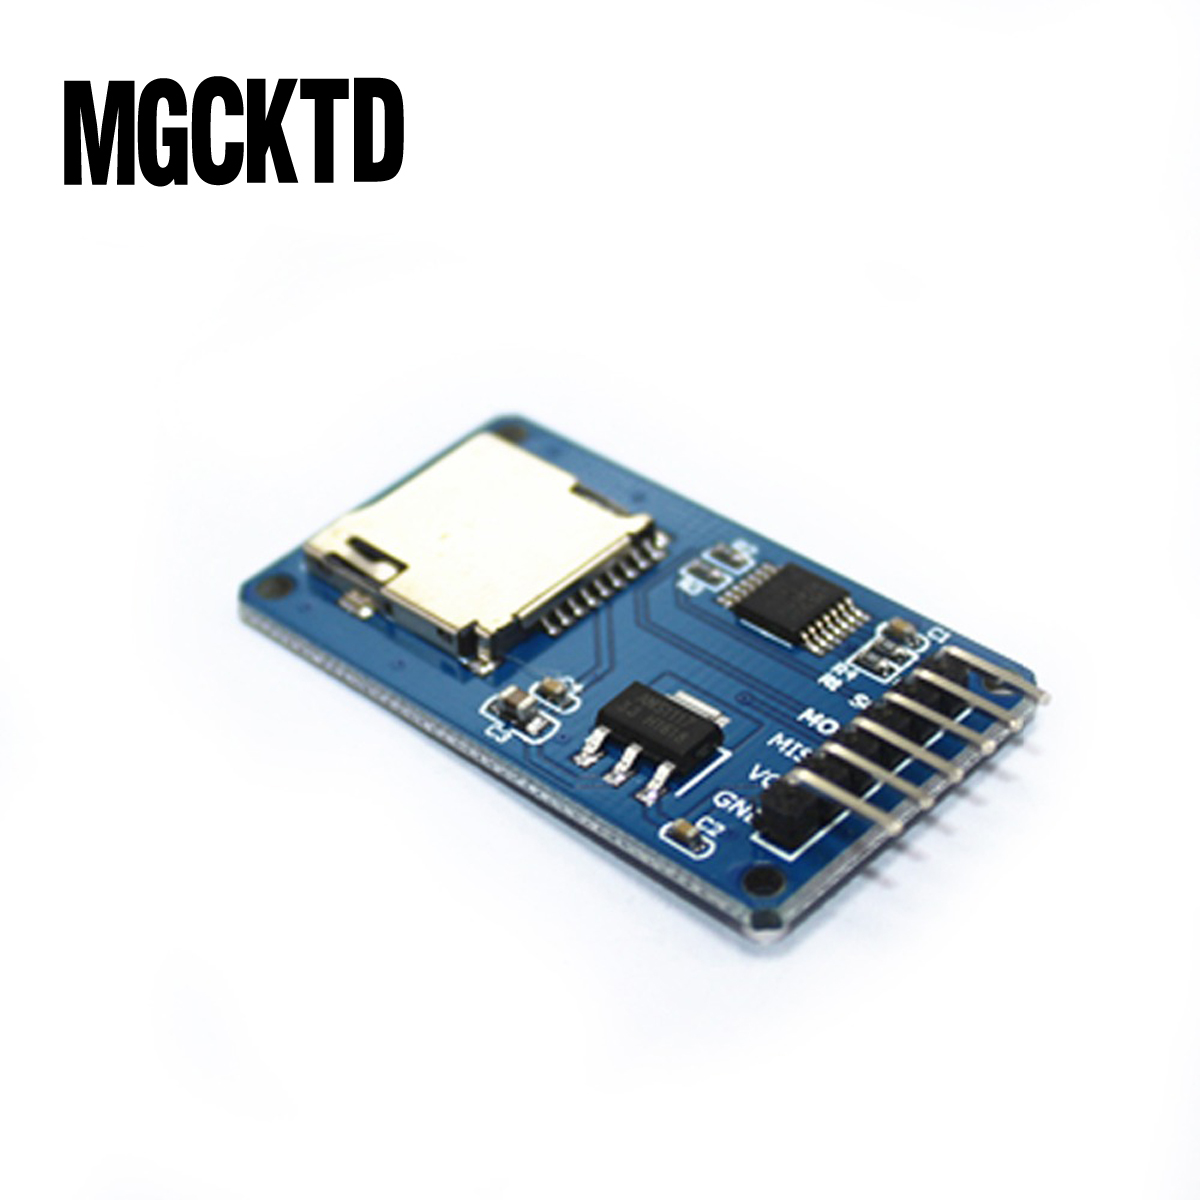 20 teile/los Micro SD karte mini TF kartenleser modul SPI schnittstellen mit level-converter chip für arduino